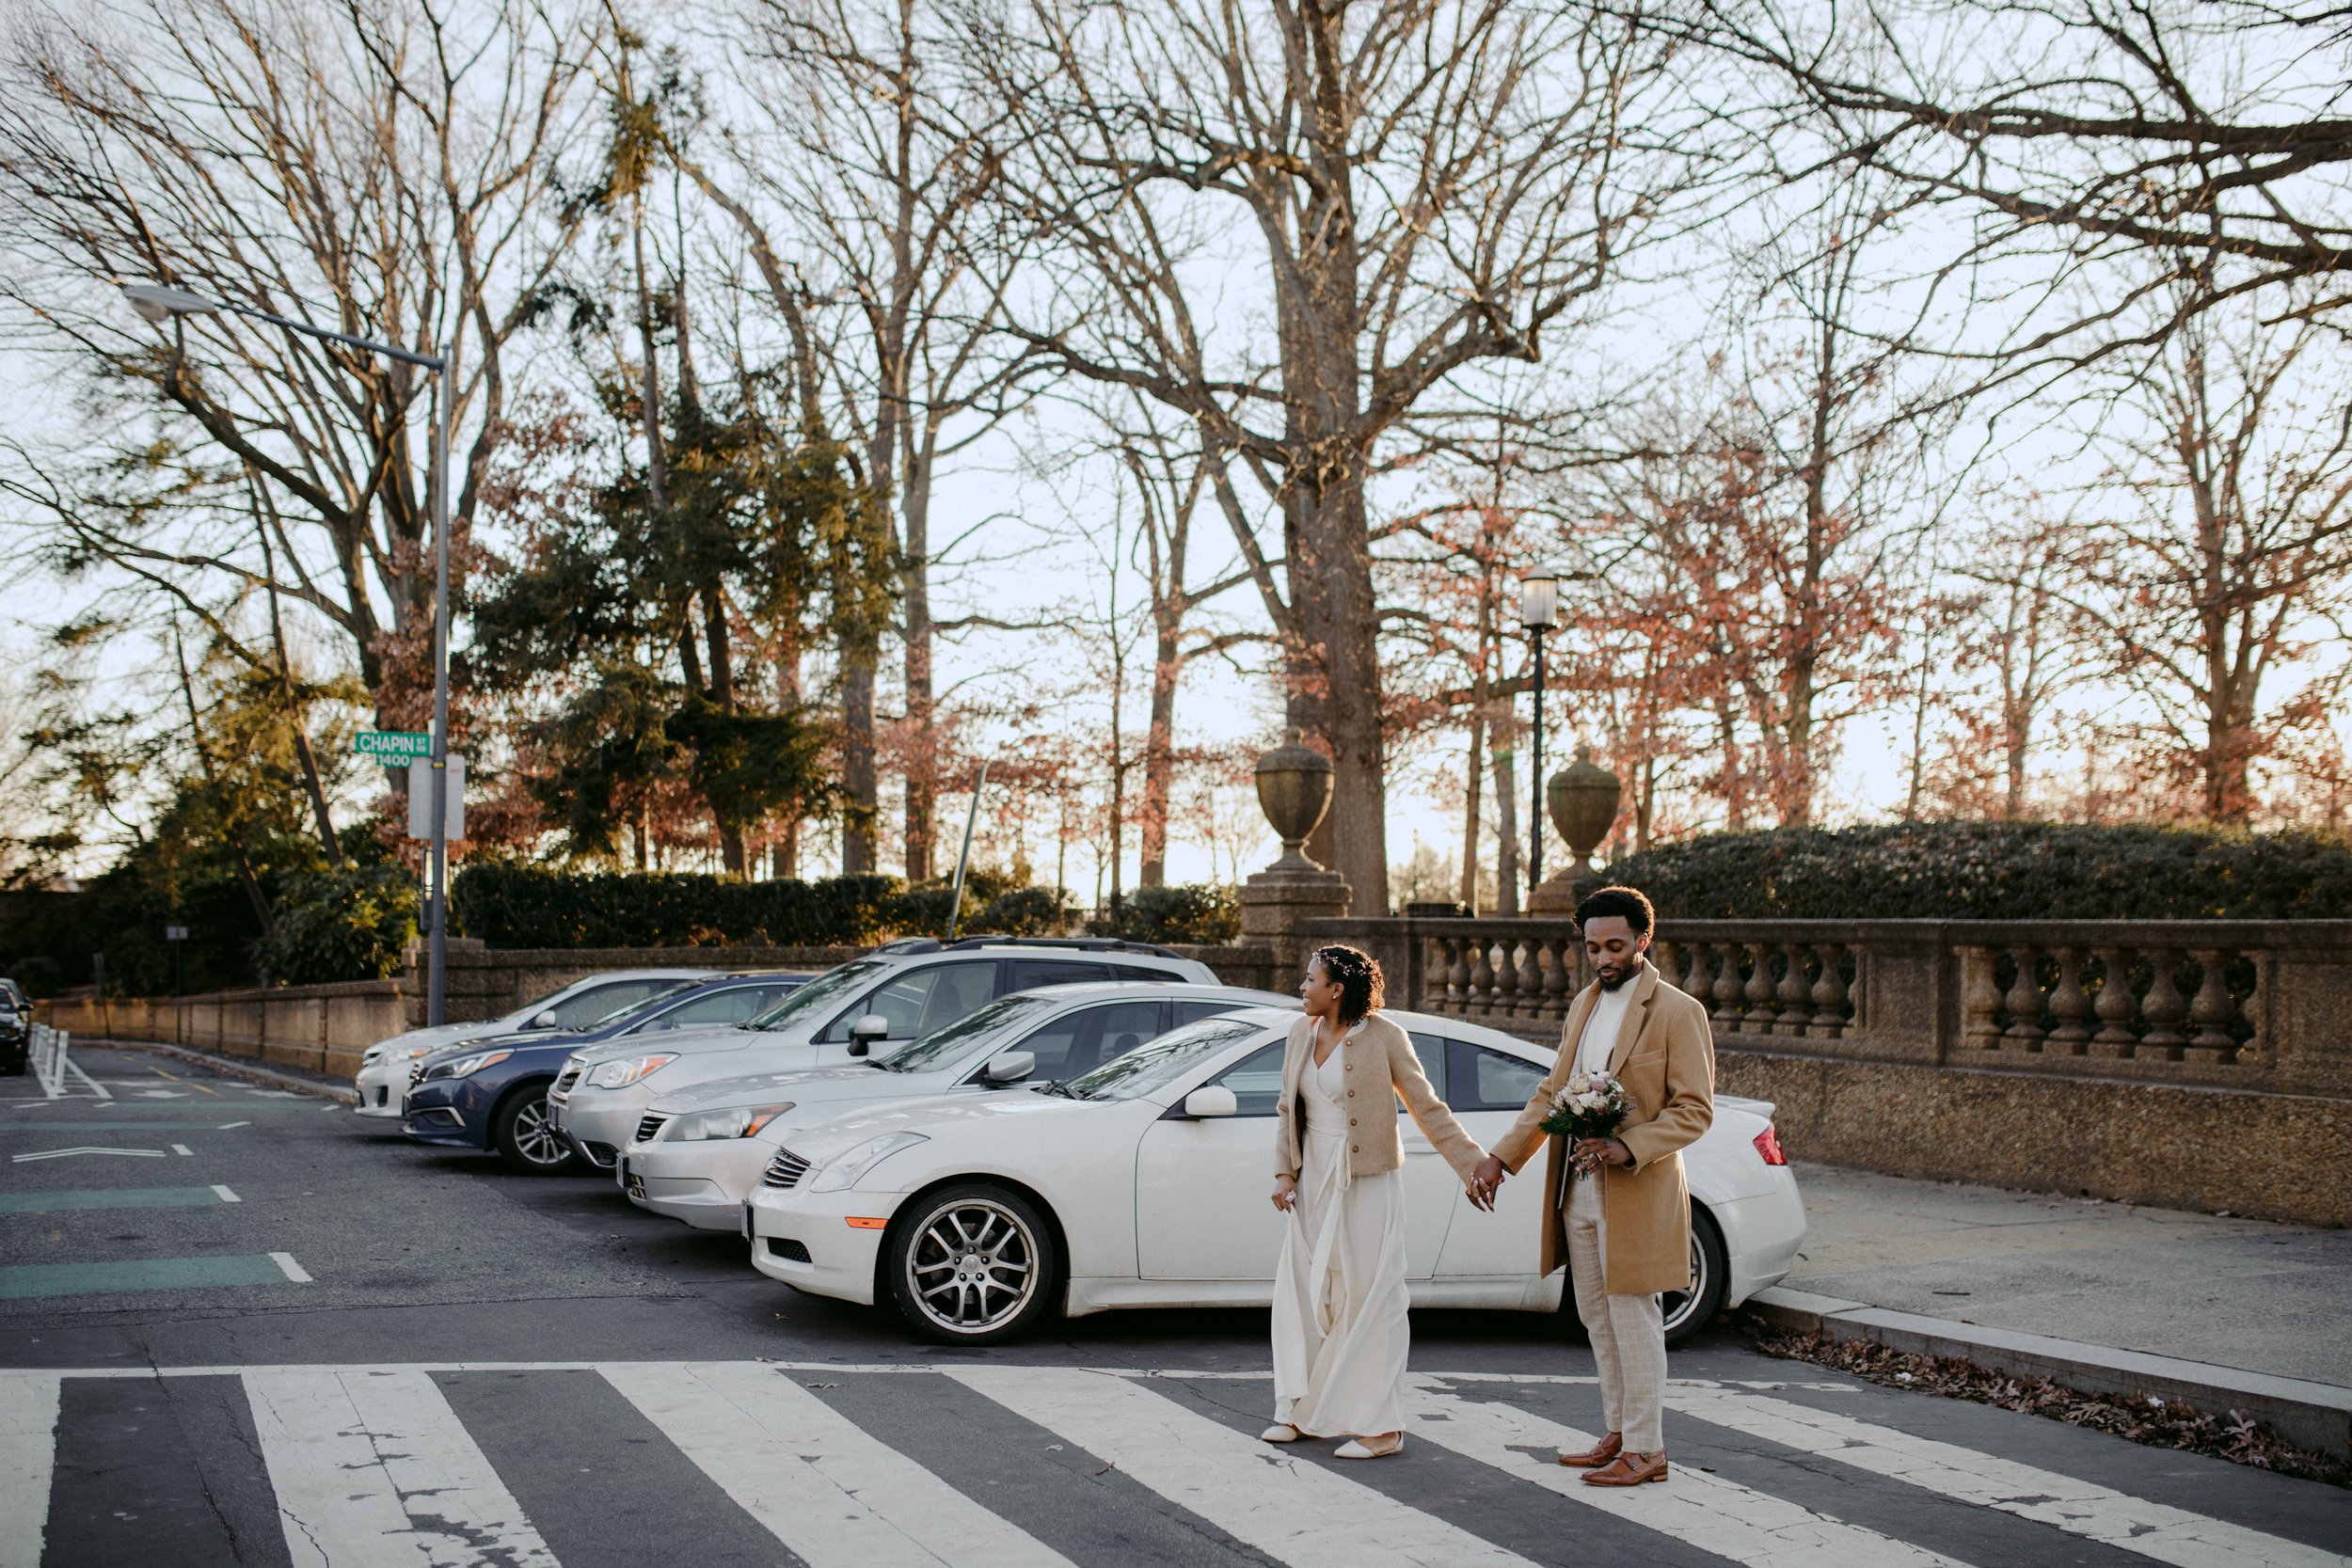 destination_elopement_photographer-54.jpg